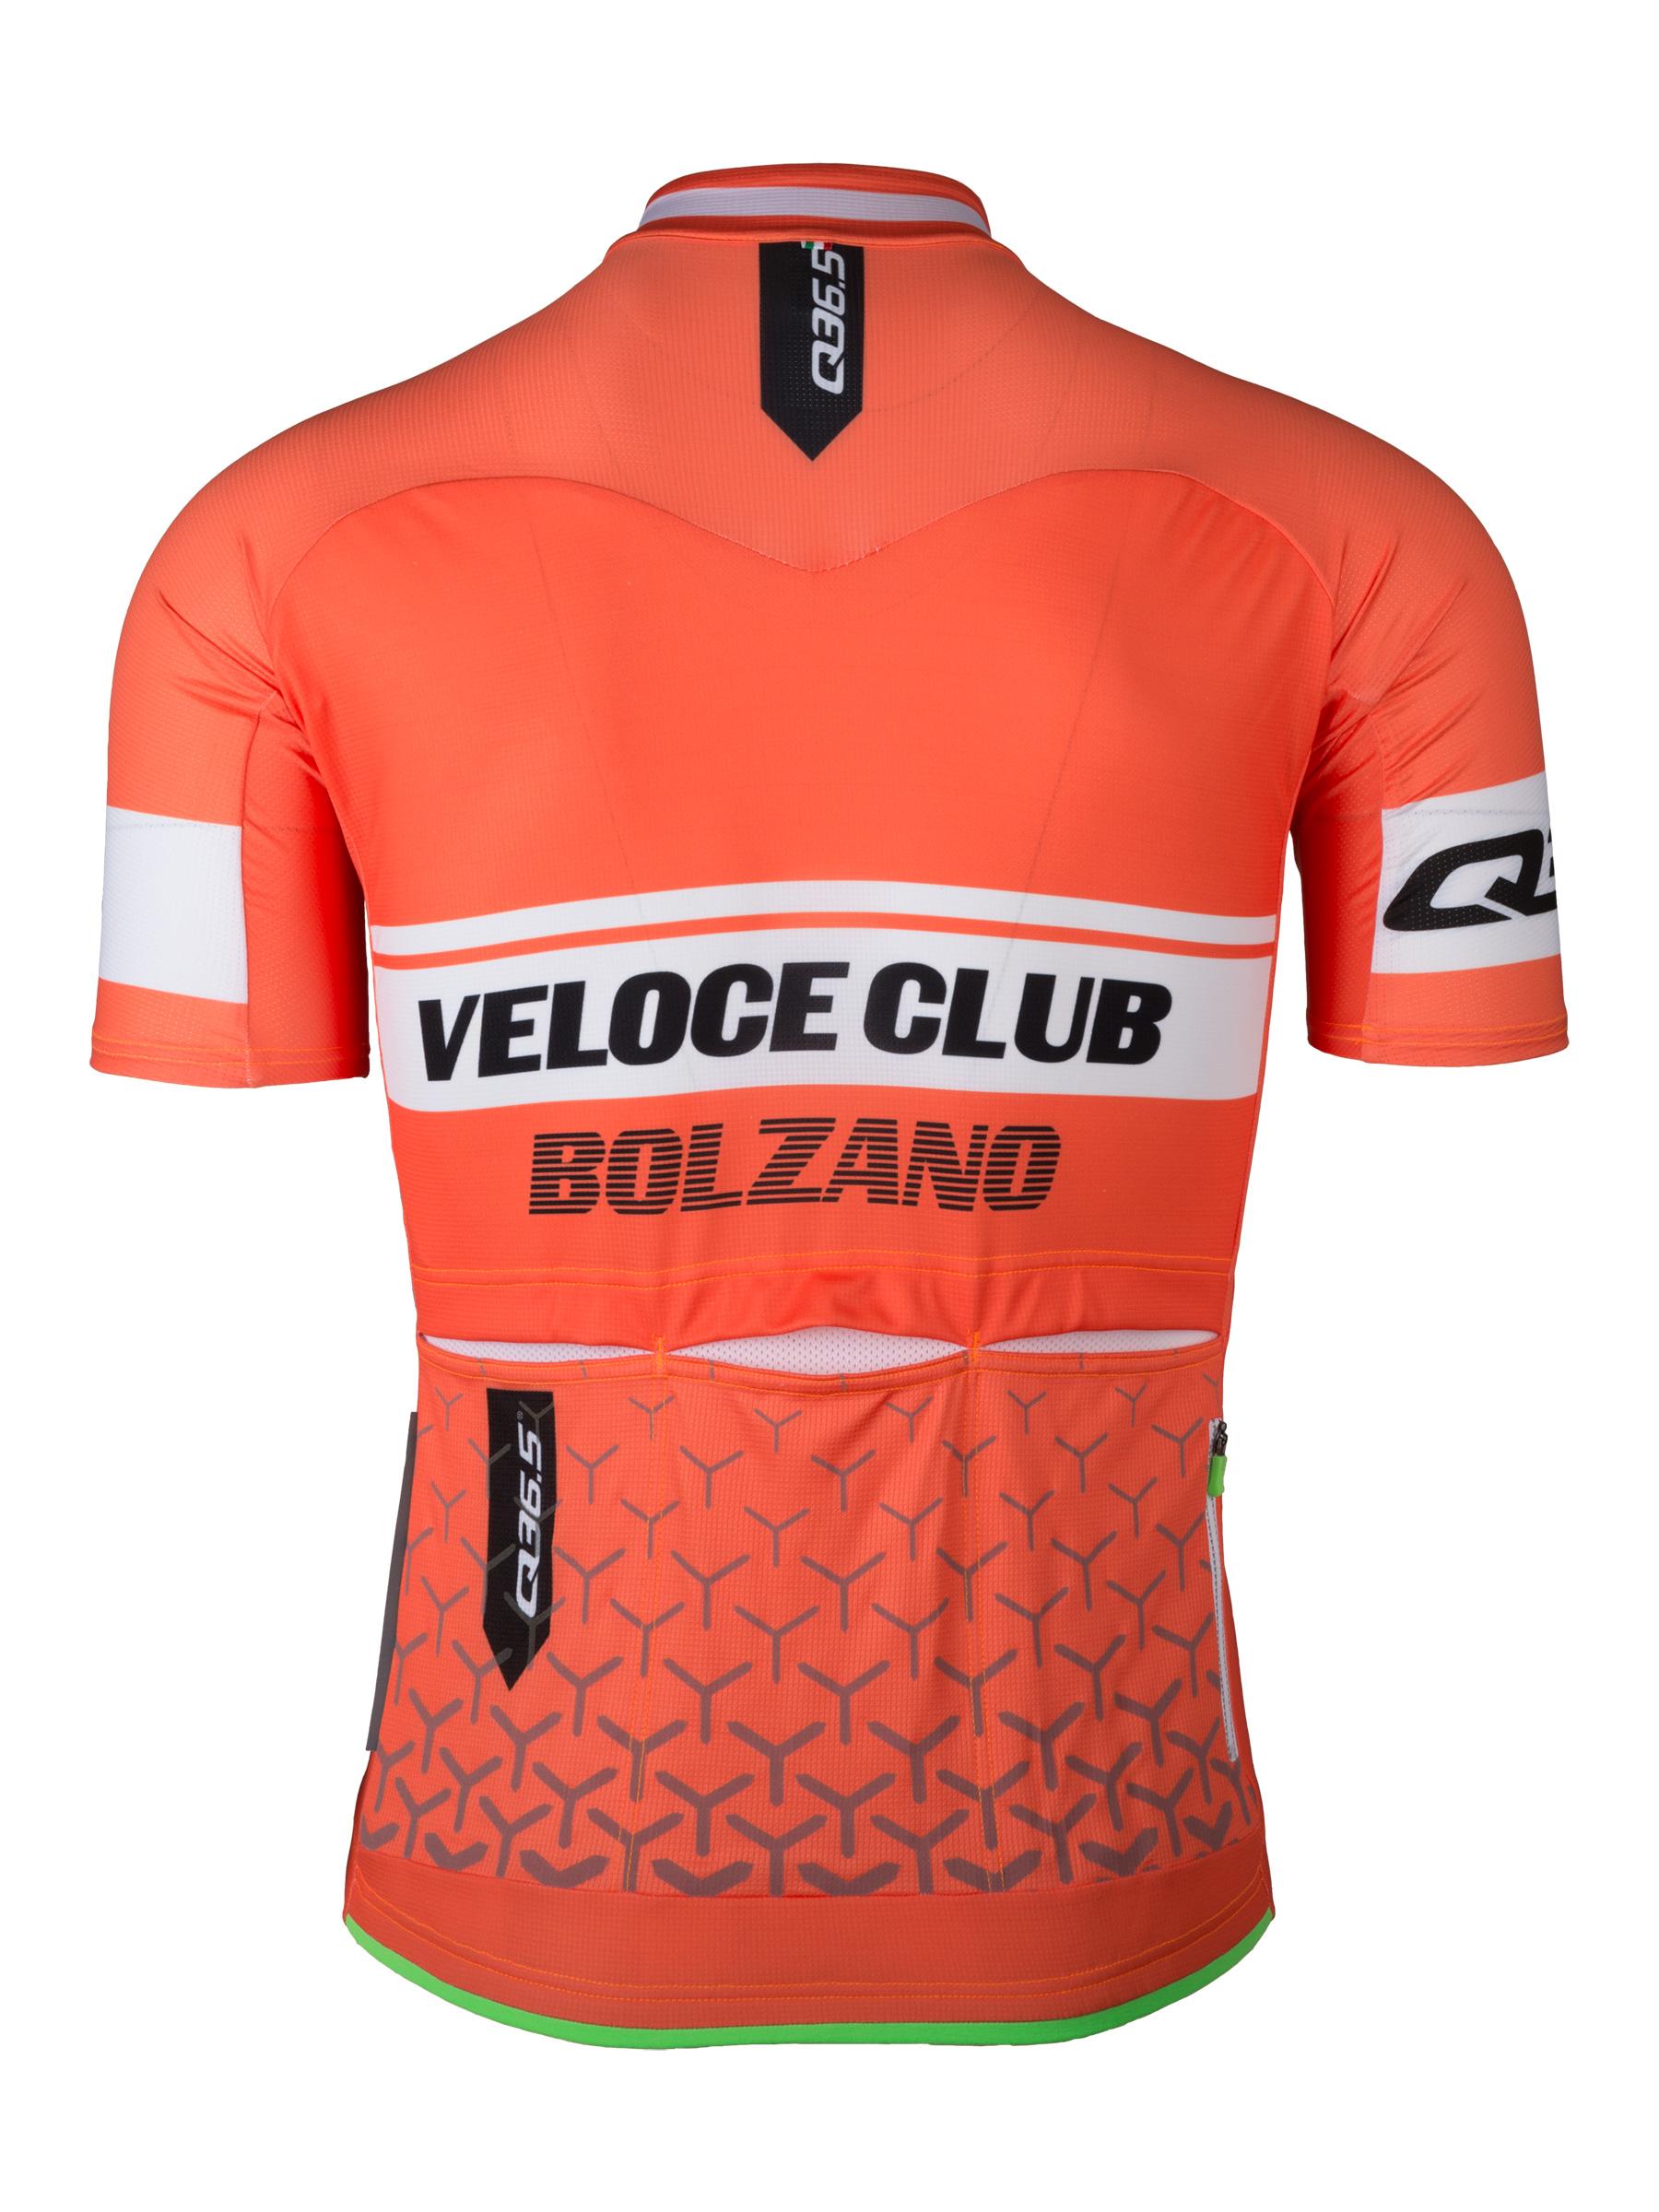 Jersey short sleeve Veloce Club Bolzano